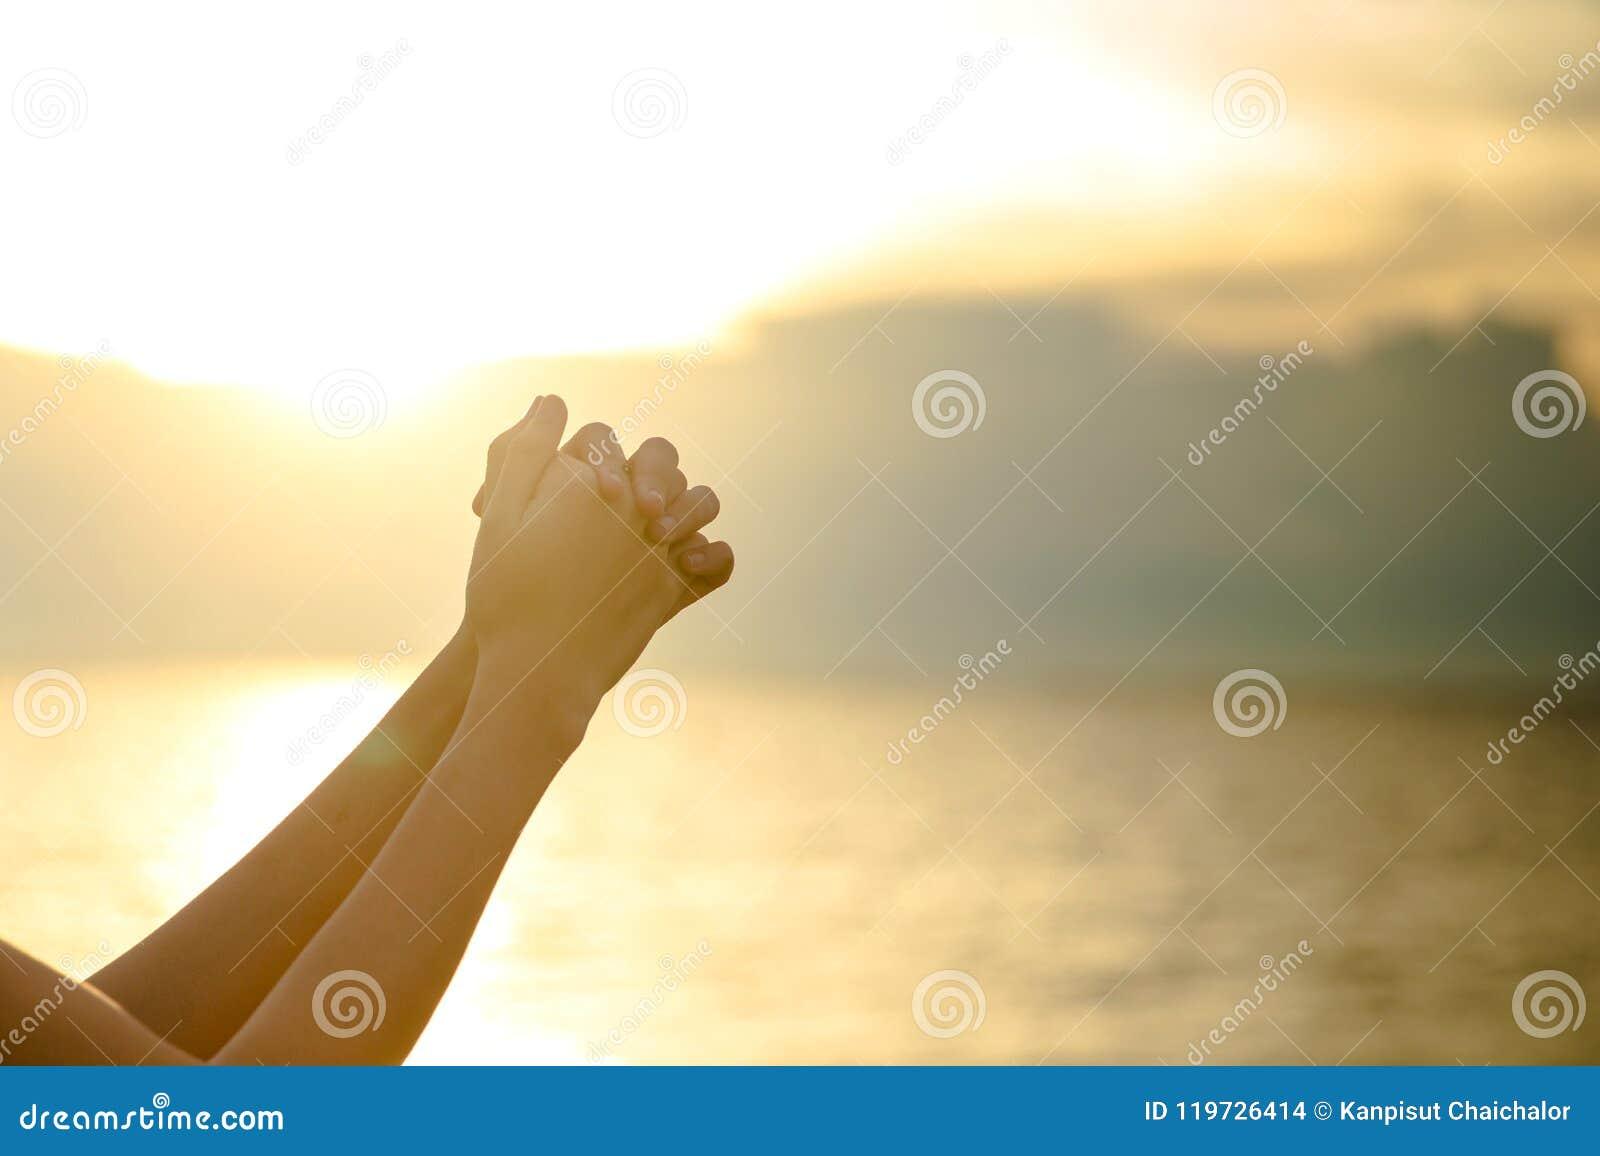 La palma humana da la acción como ruega para adorar símbolo para la adoración al cristianismo del Jesucristo